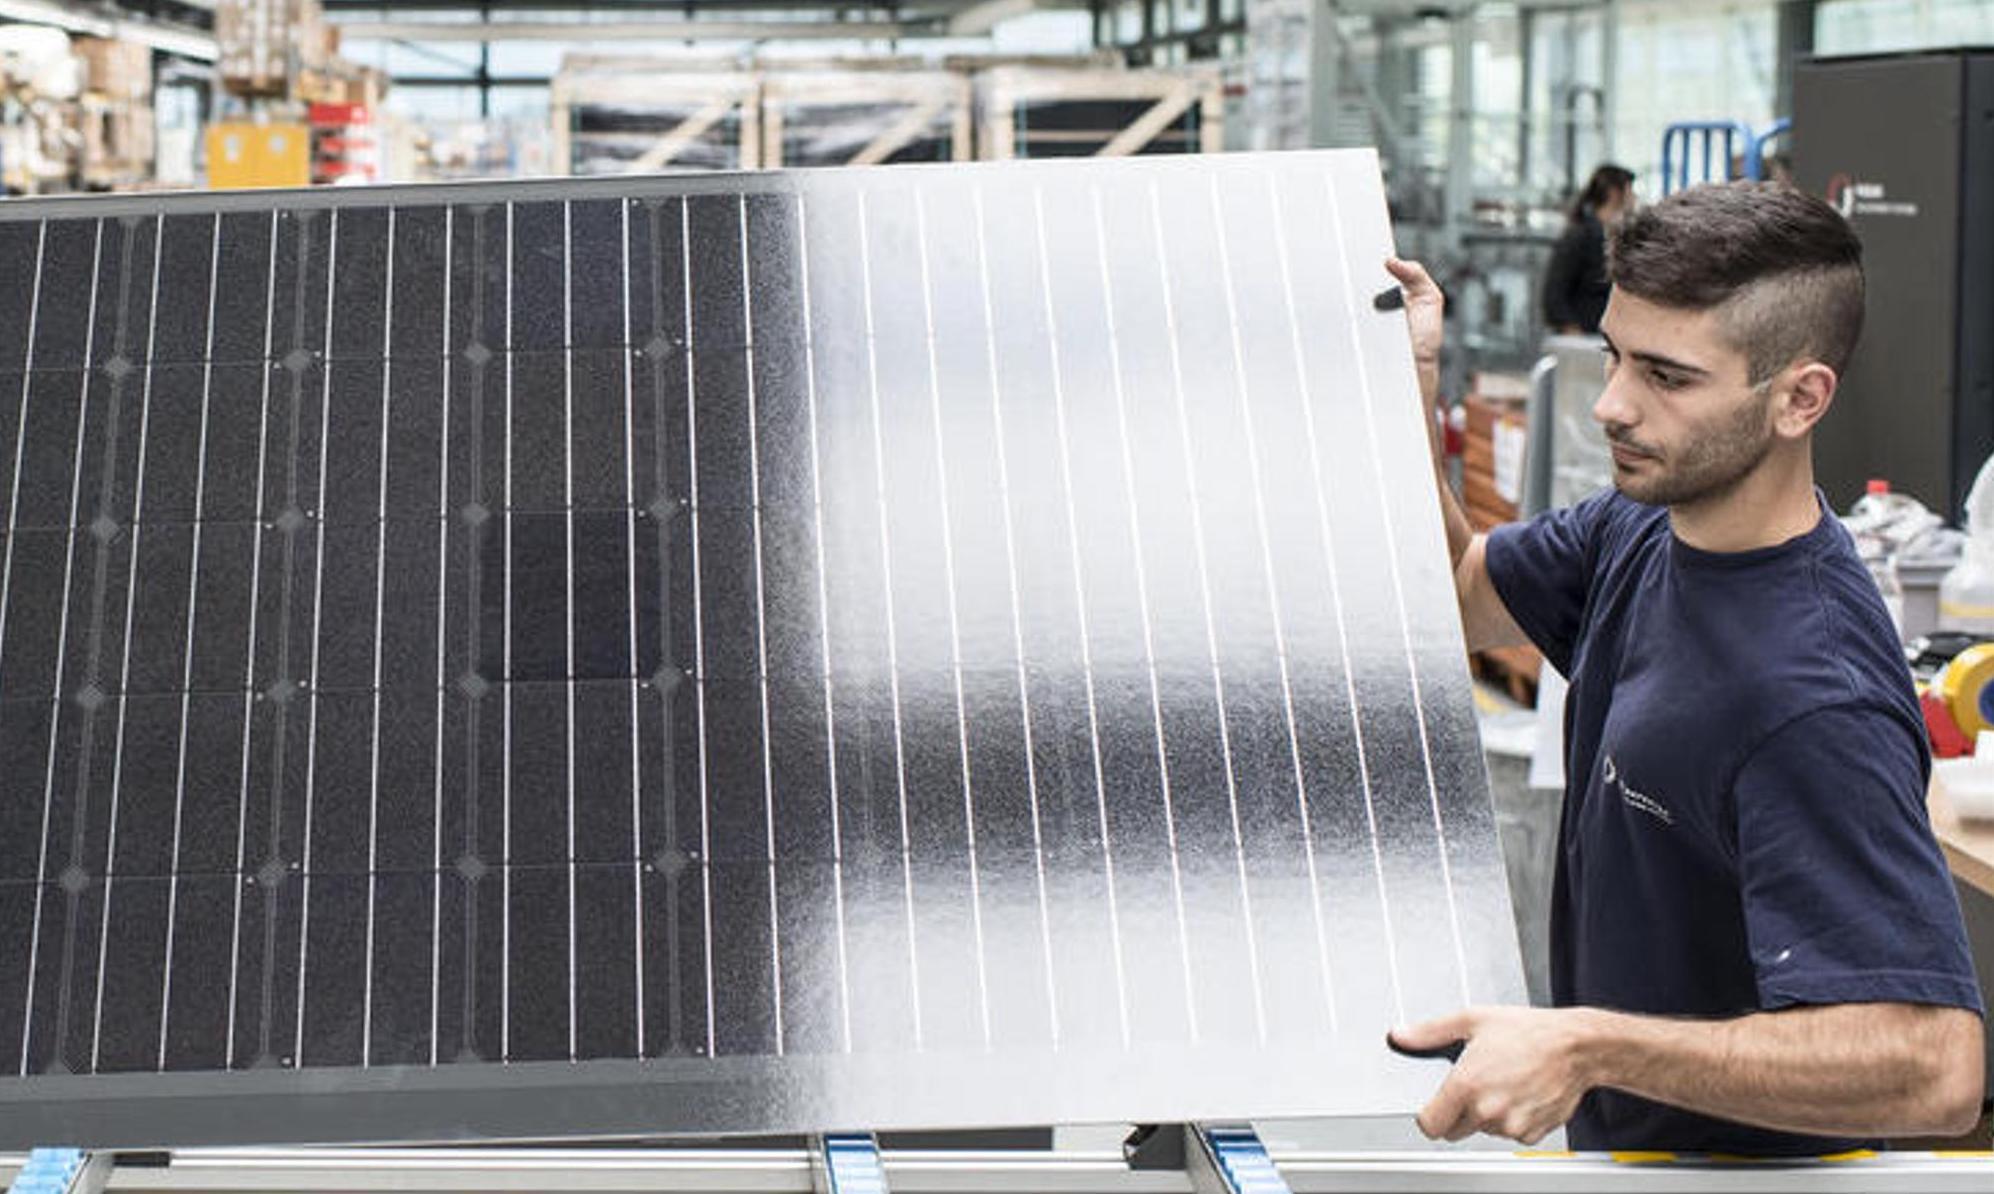 La production des panneaux représente environ 70 % de la demande d'énergie primaire. Cette électricité est principalement nécessaire pour la production de silicium de haute pureté, le sciage des plaquettes de silicium et la production de cellules et de modules. Keystone/Christian Beutler